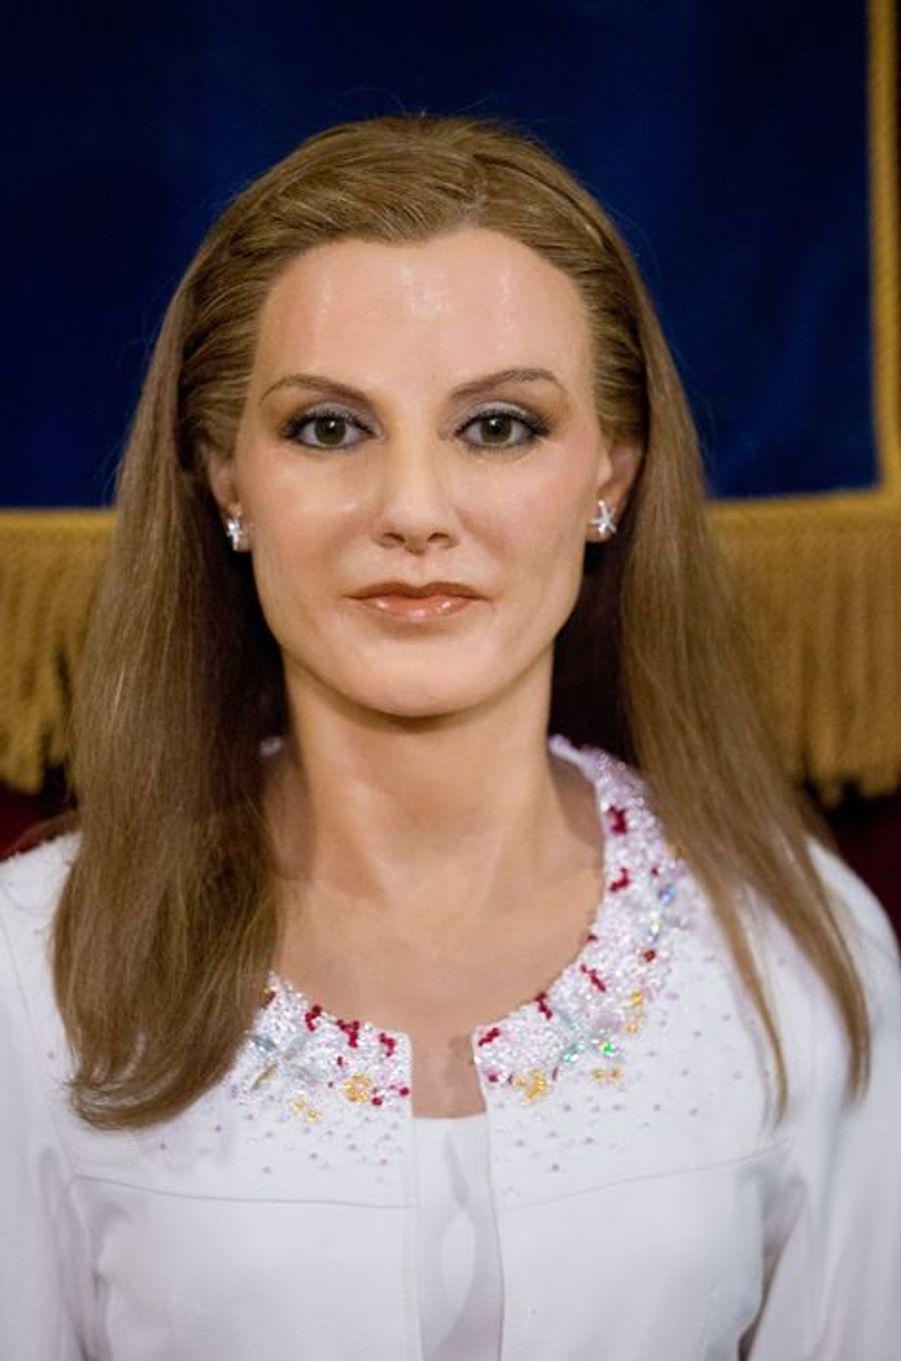 La statue de cire de la reine Letizia au Museo de Cera à Madrid, dévoilée le 12 octobre 2014